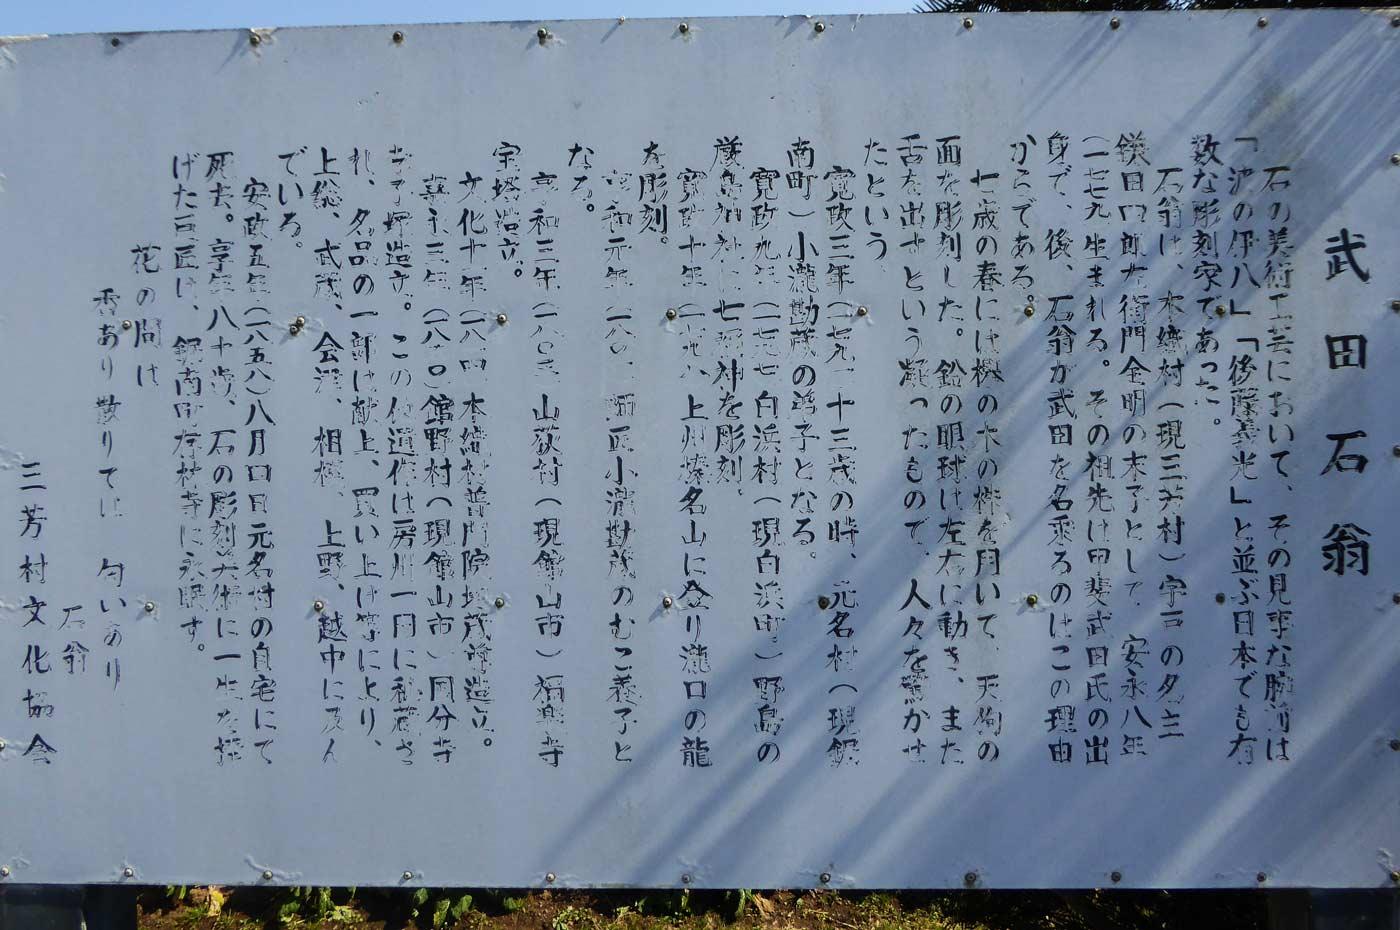 本織神社武田石翁の紹介文の画像